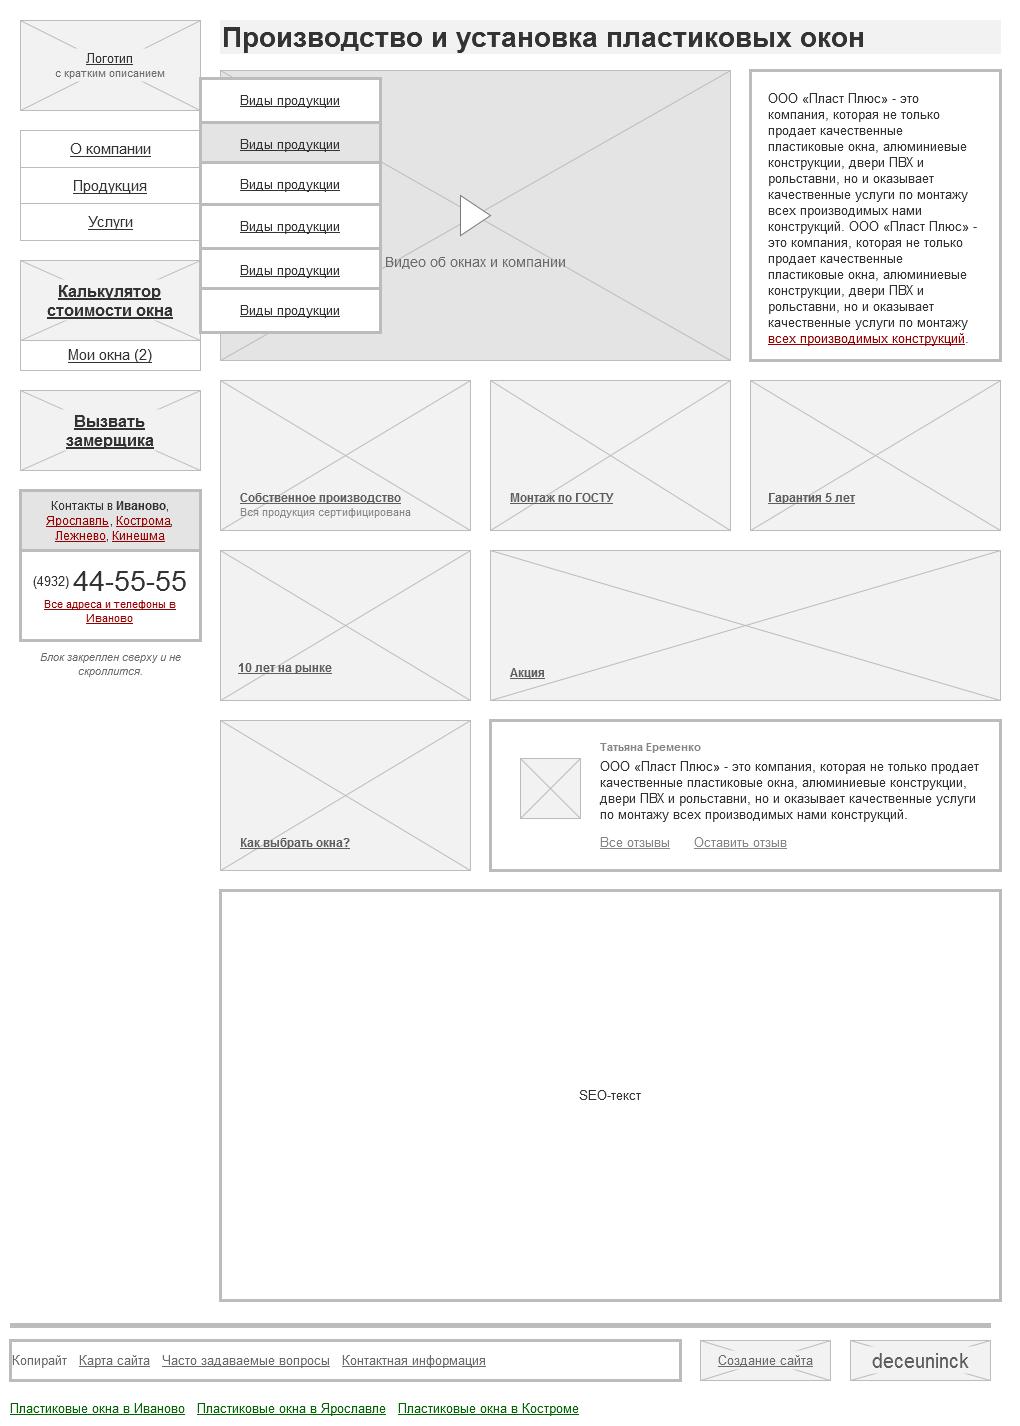 Проектирование сайта компании-установщика пластиковых окон